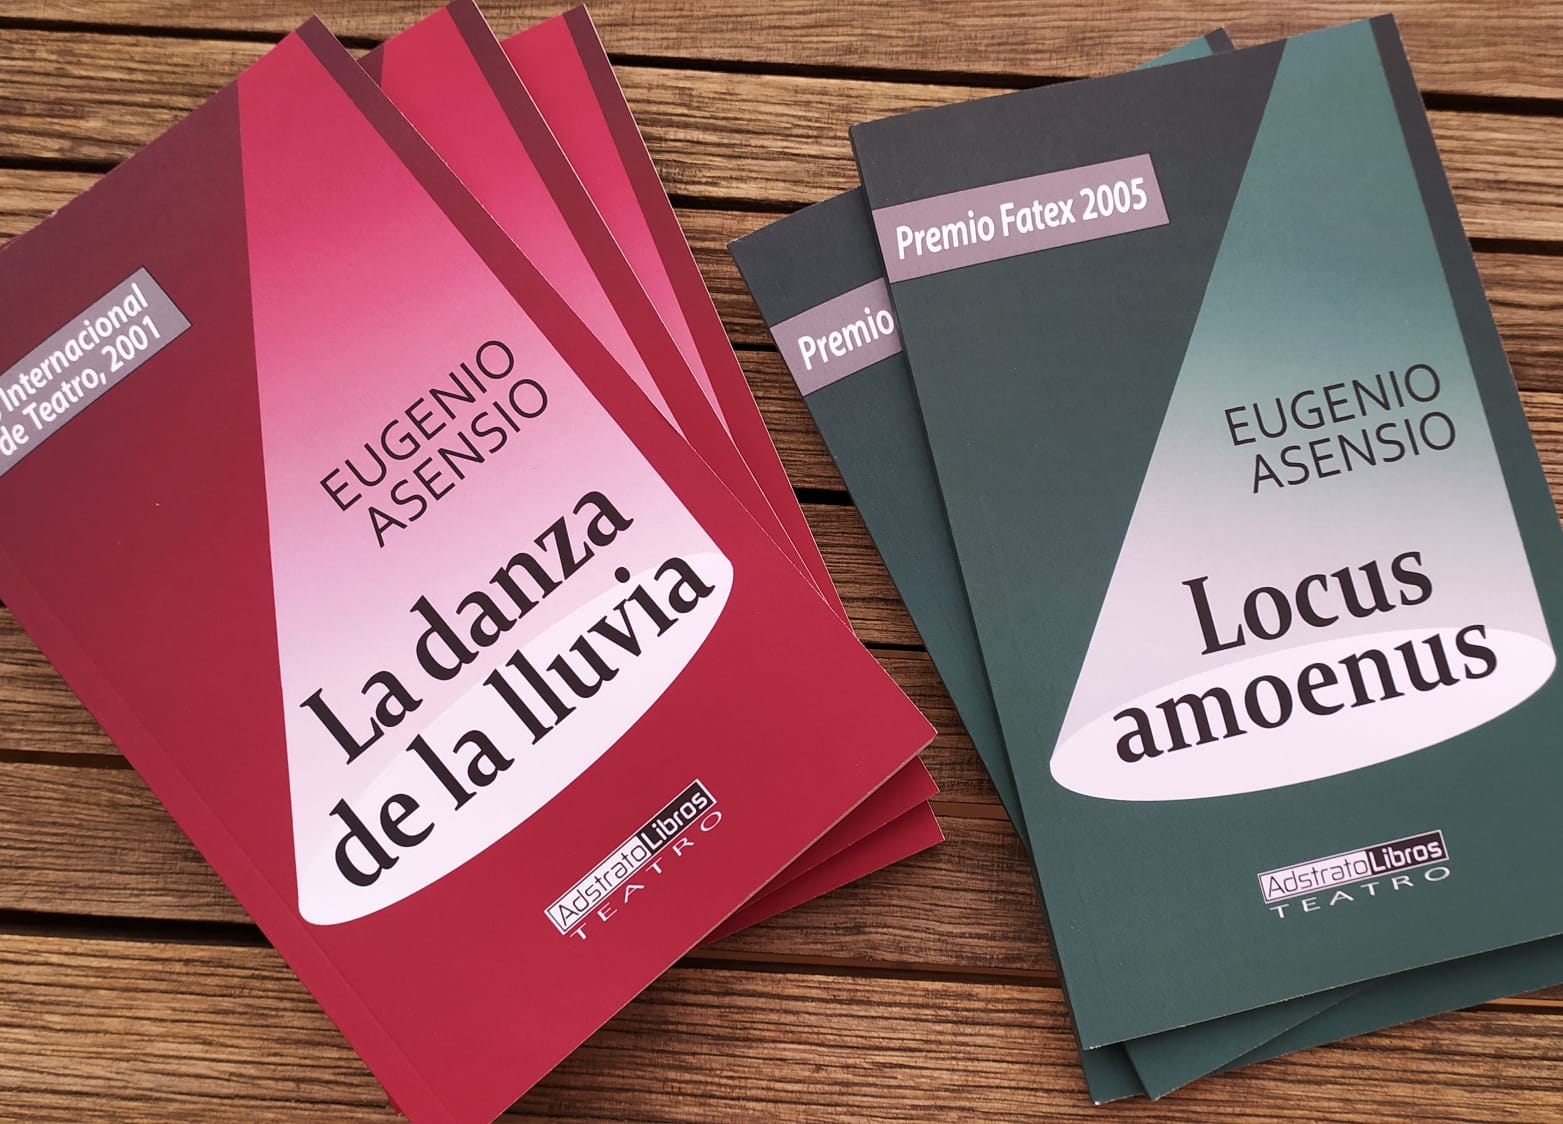 ESTE AÑO NO TE PIERDAS EL DÍA DEL LIBRO, CELÉBRALO EN TU CASA